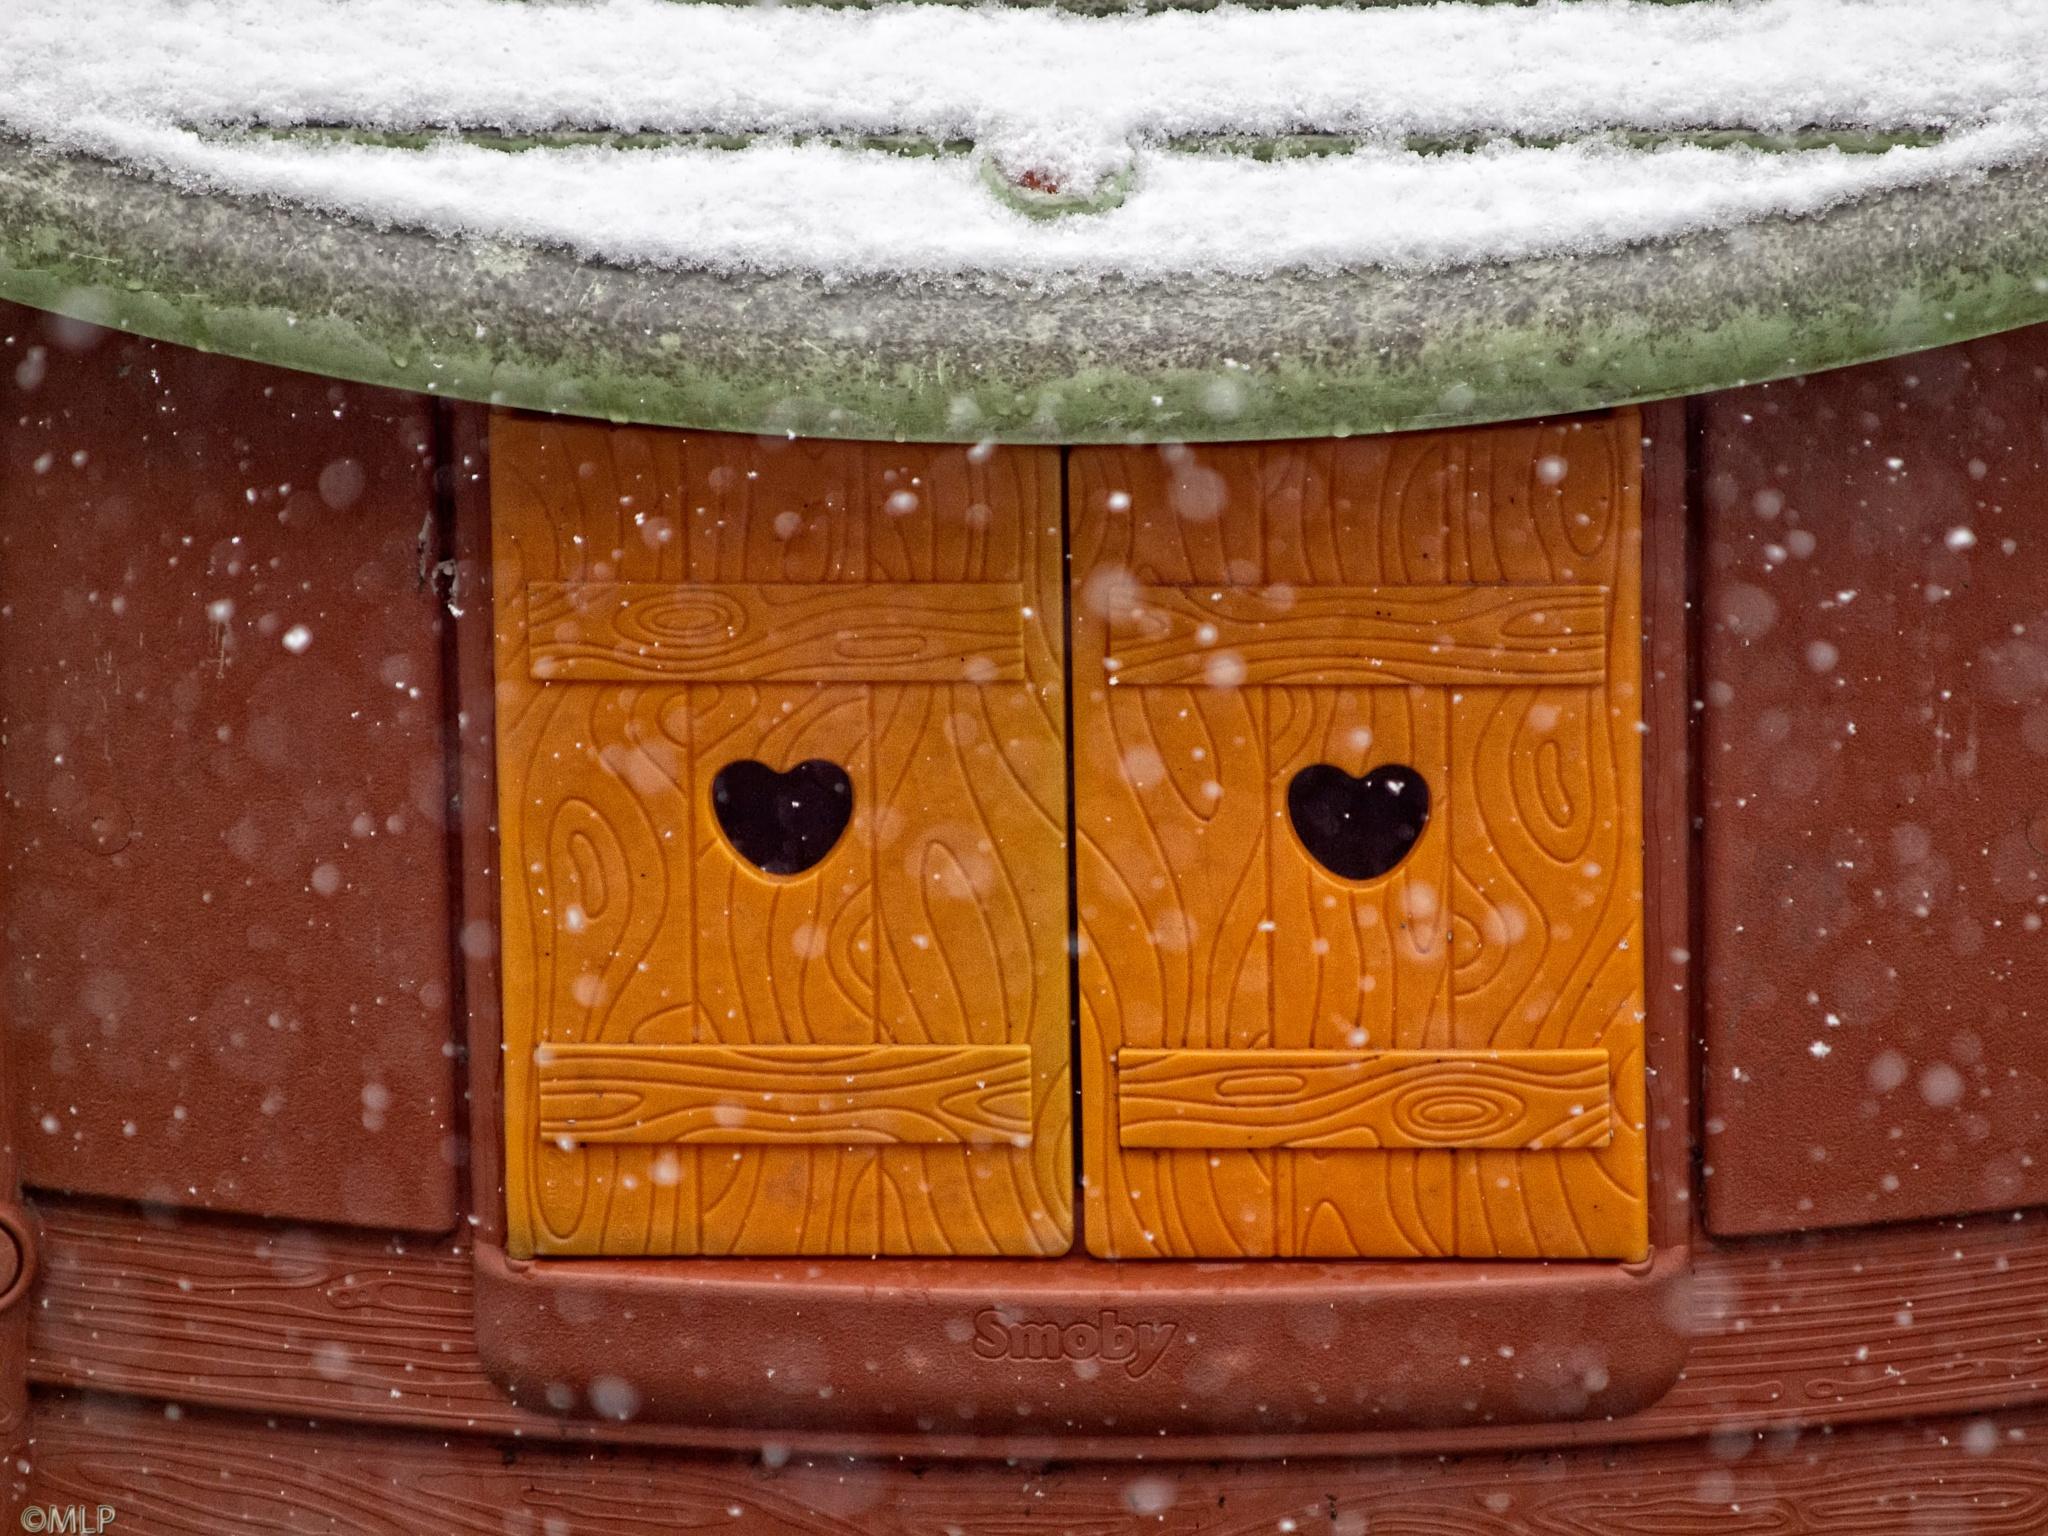 Frozen hearts by Milore